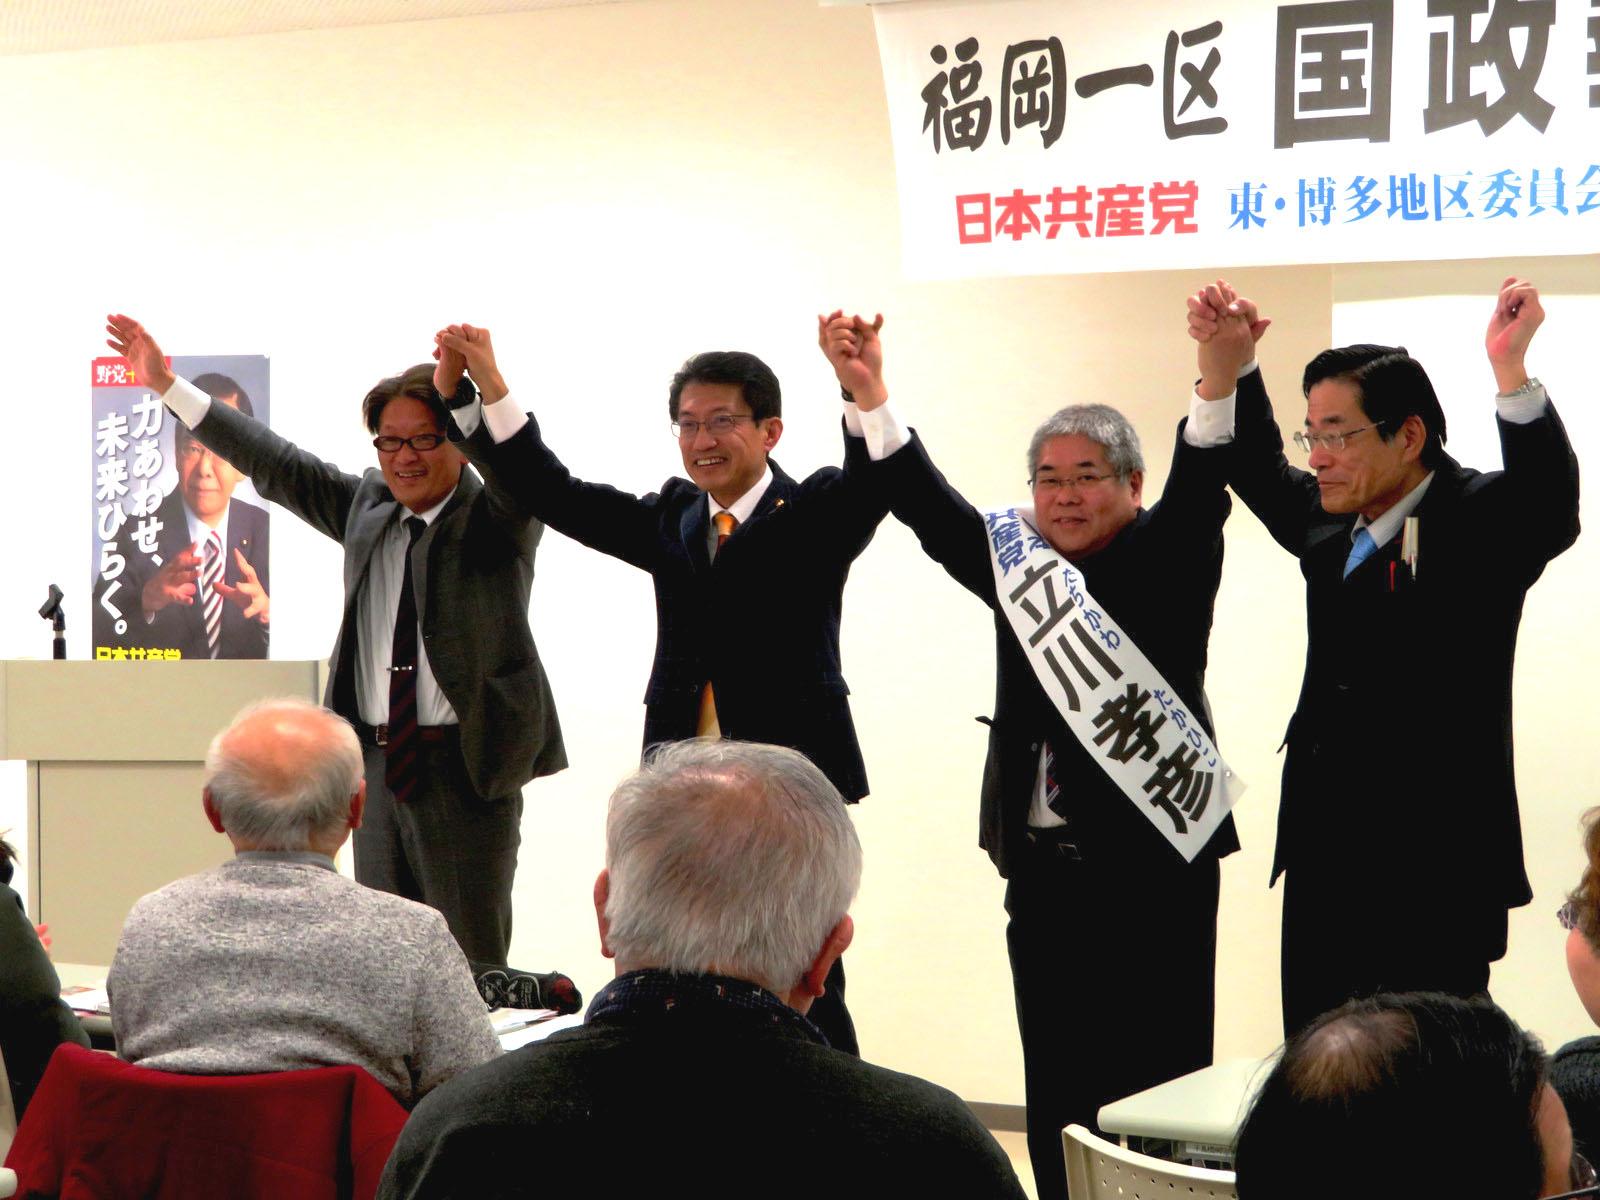 手をあげて参加者に応える(右から)比江嶋、立川、田村、綿貫の各氏=11日、福岡市